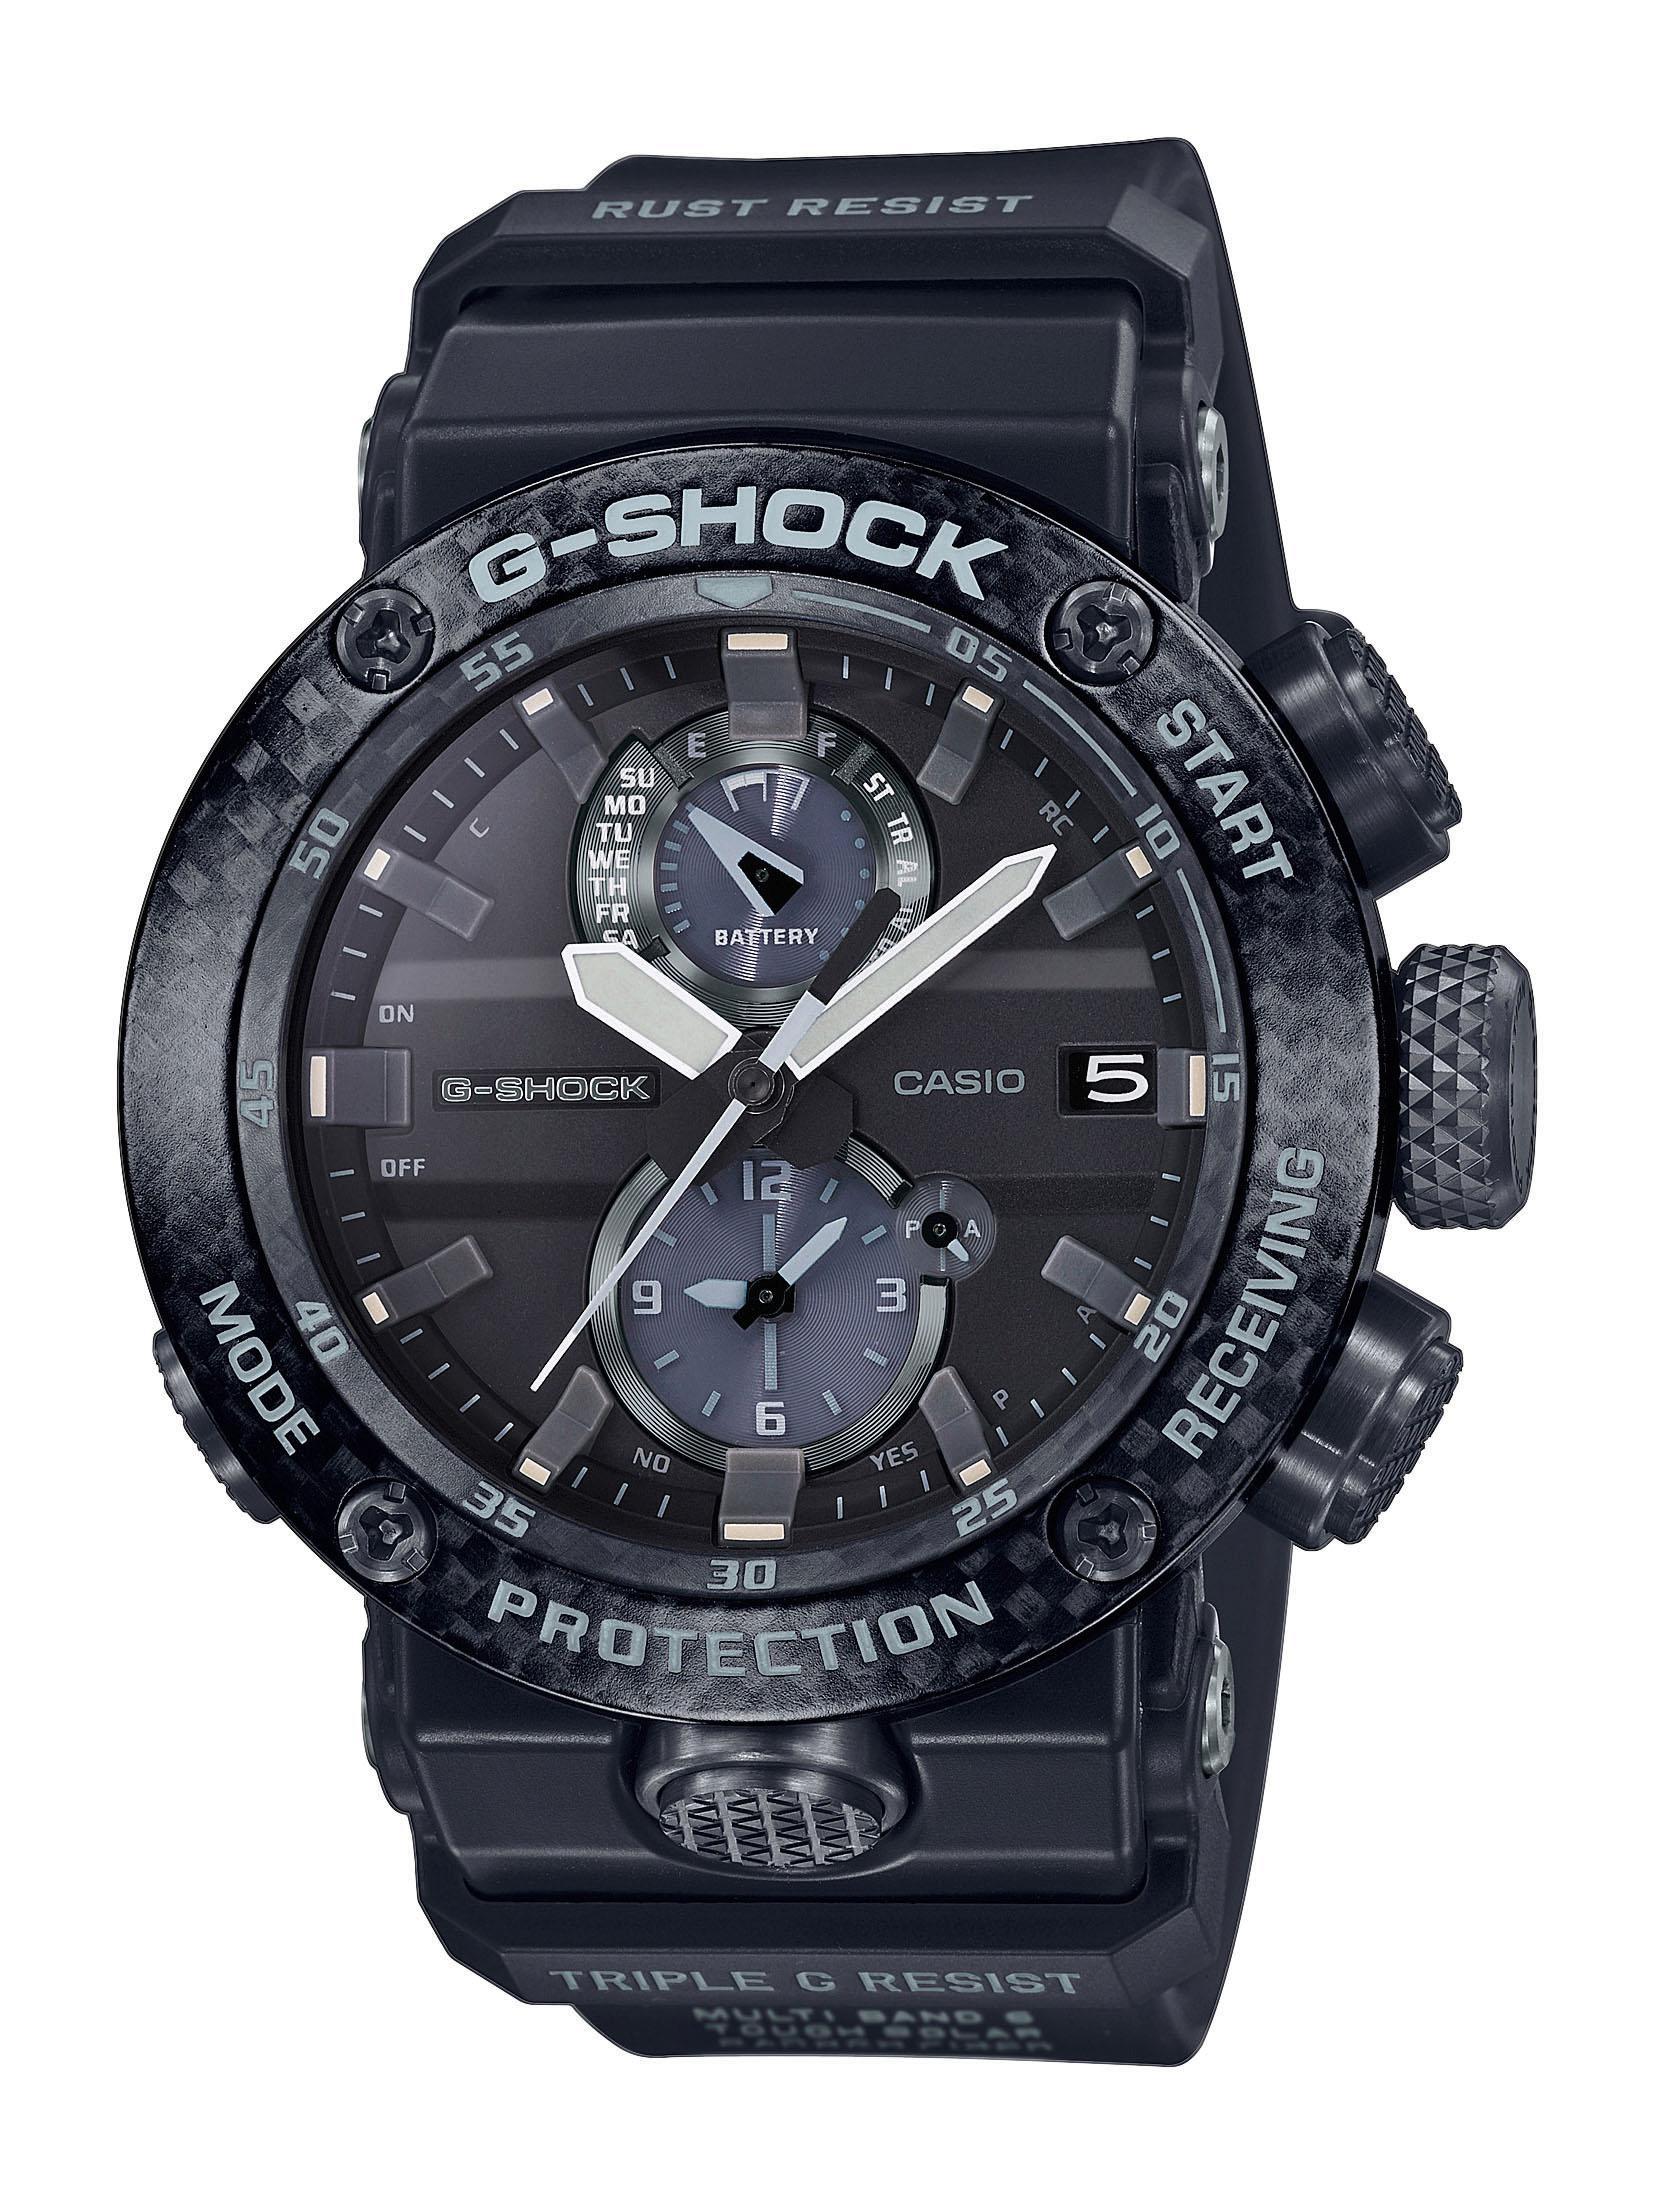 Ηλιακό Ρολόι Casio G-SHOCK GRAVITYMASTER Bluetooth® Smart GWR-B1000-1AER